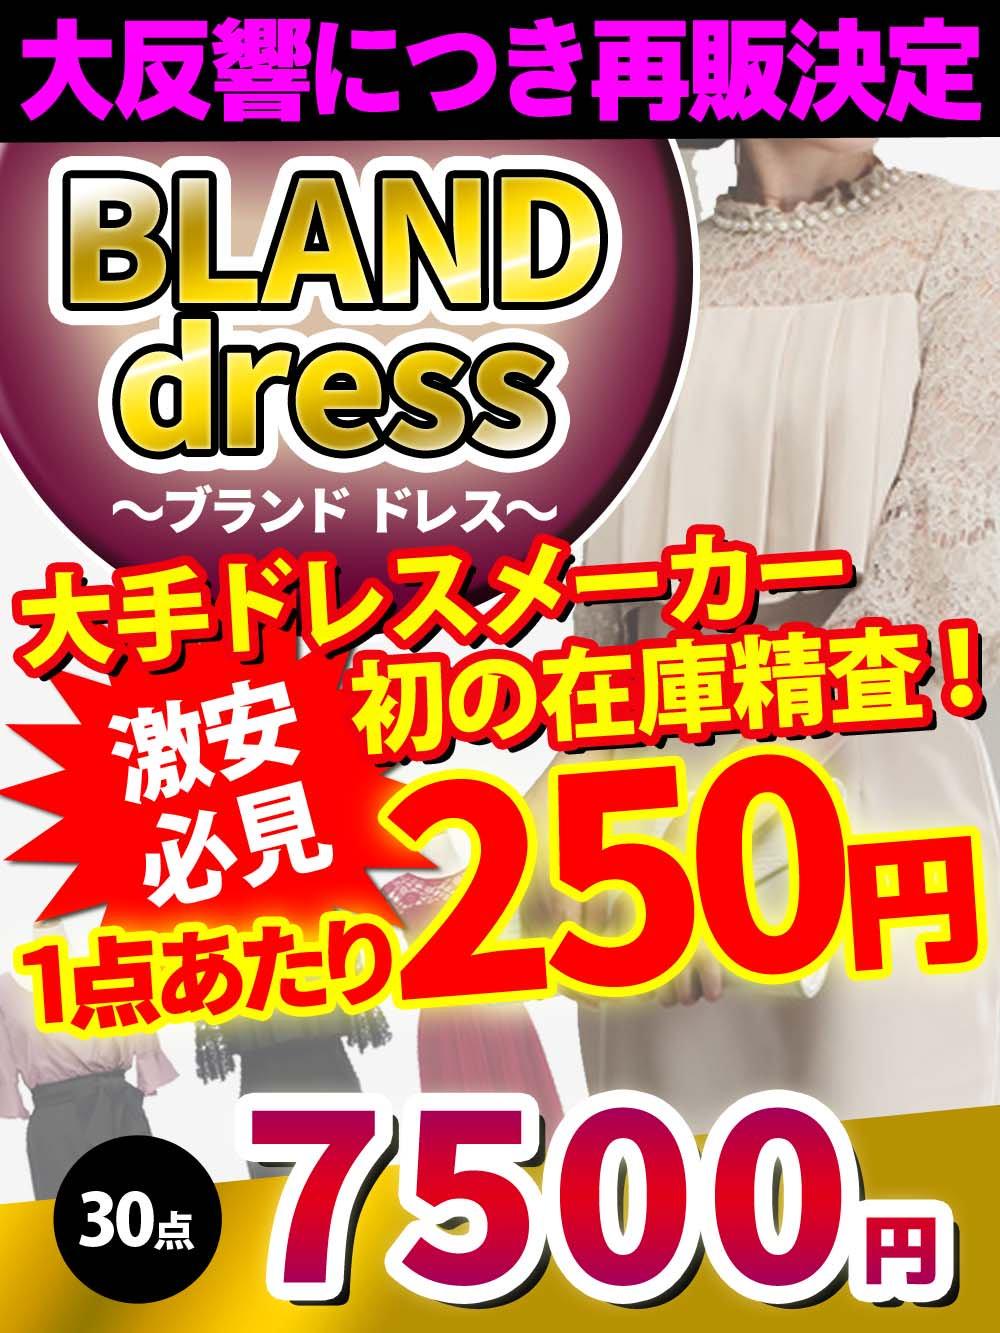 【激安必見!】大手ドレスメーカーが初めての在庫精査、ドレスアラカルト!!【30点】@250